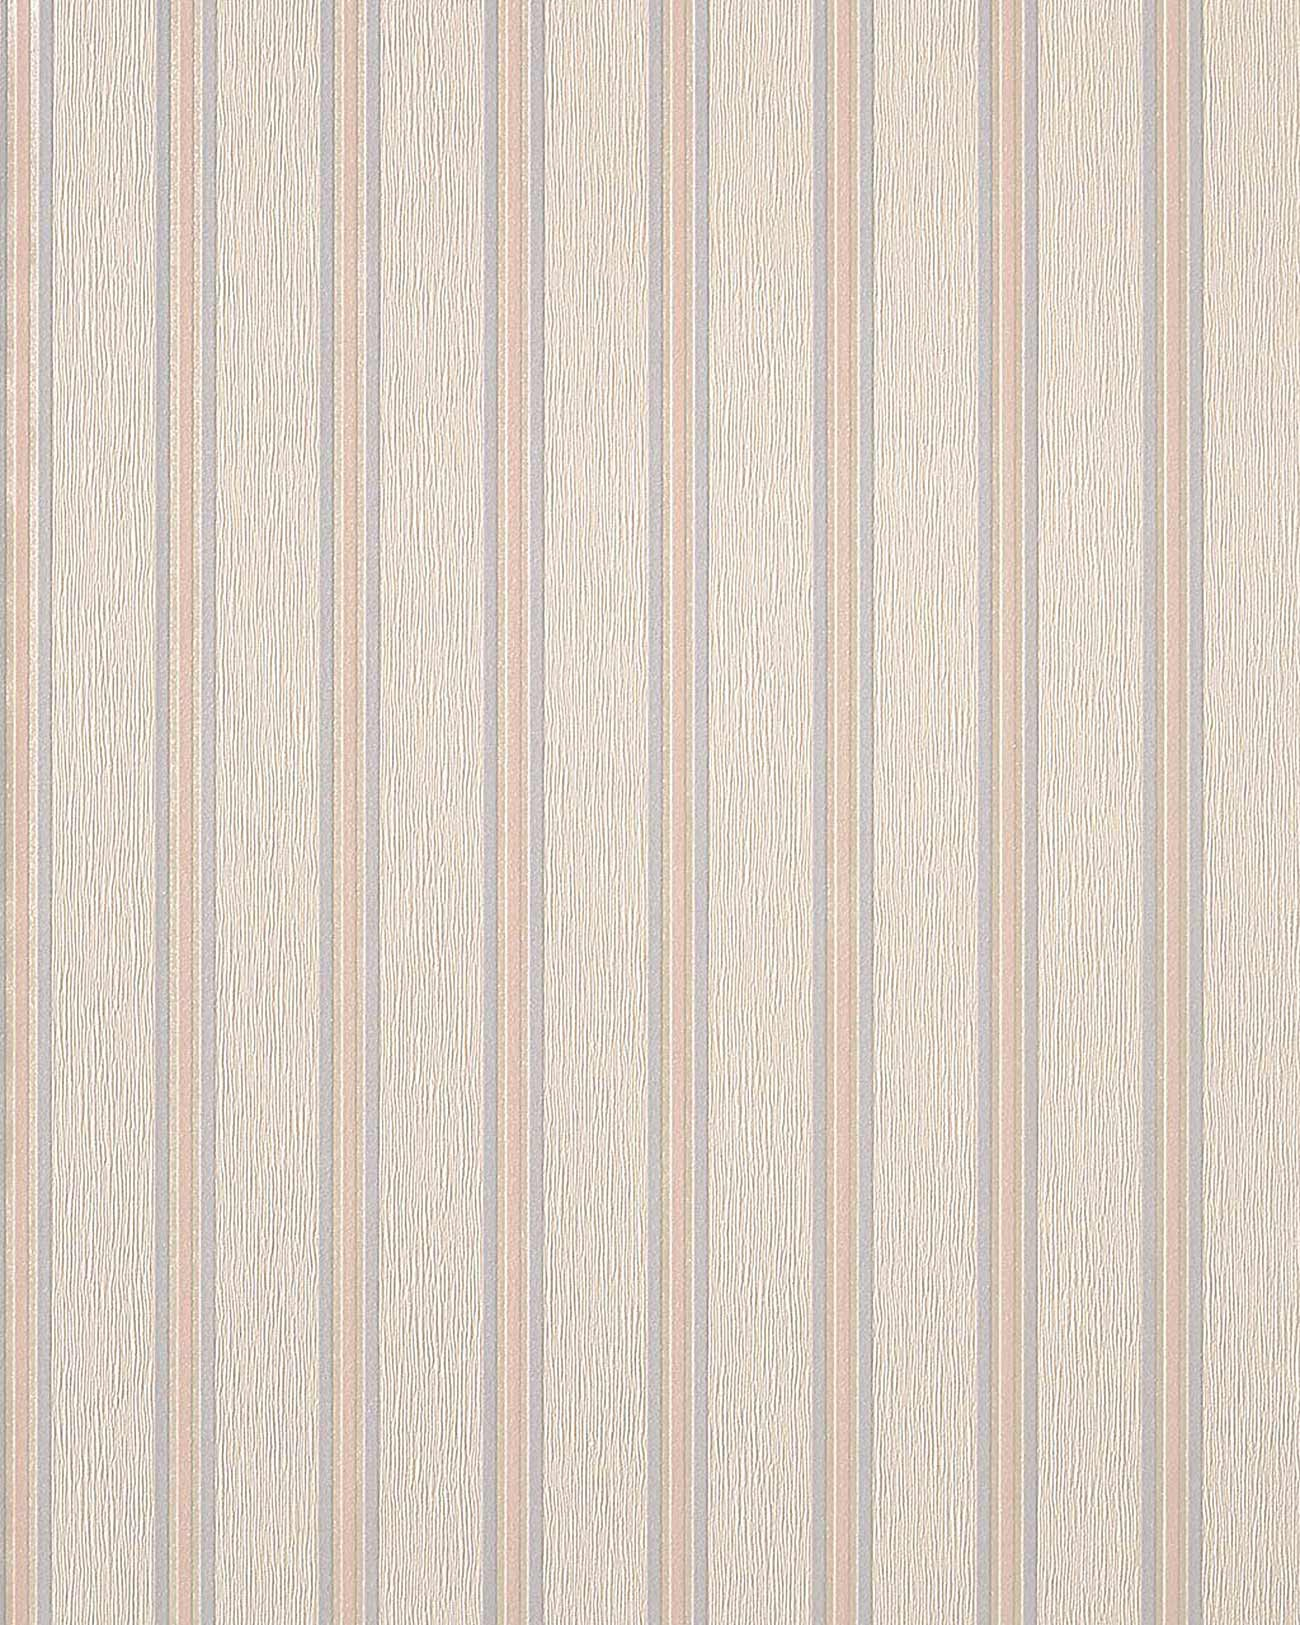 tapete wohnzimmer hell: 33 Stilvolle Design Streifen Tapete beige creme hell violett hell rosa